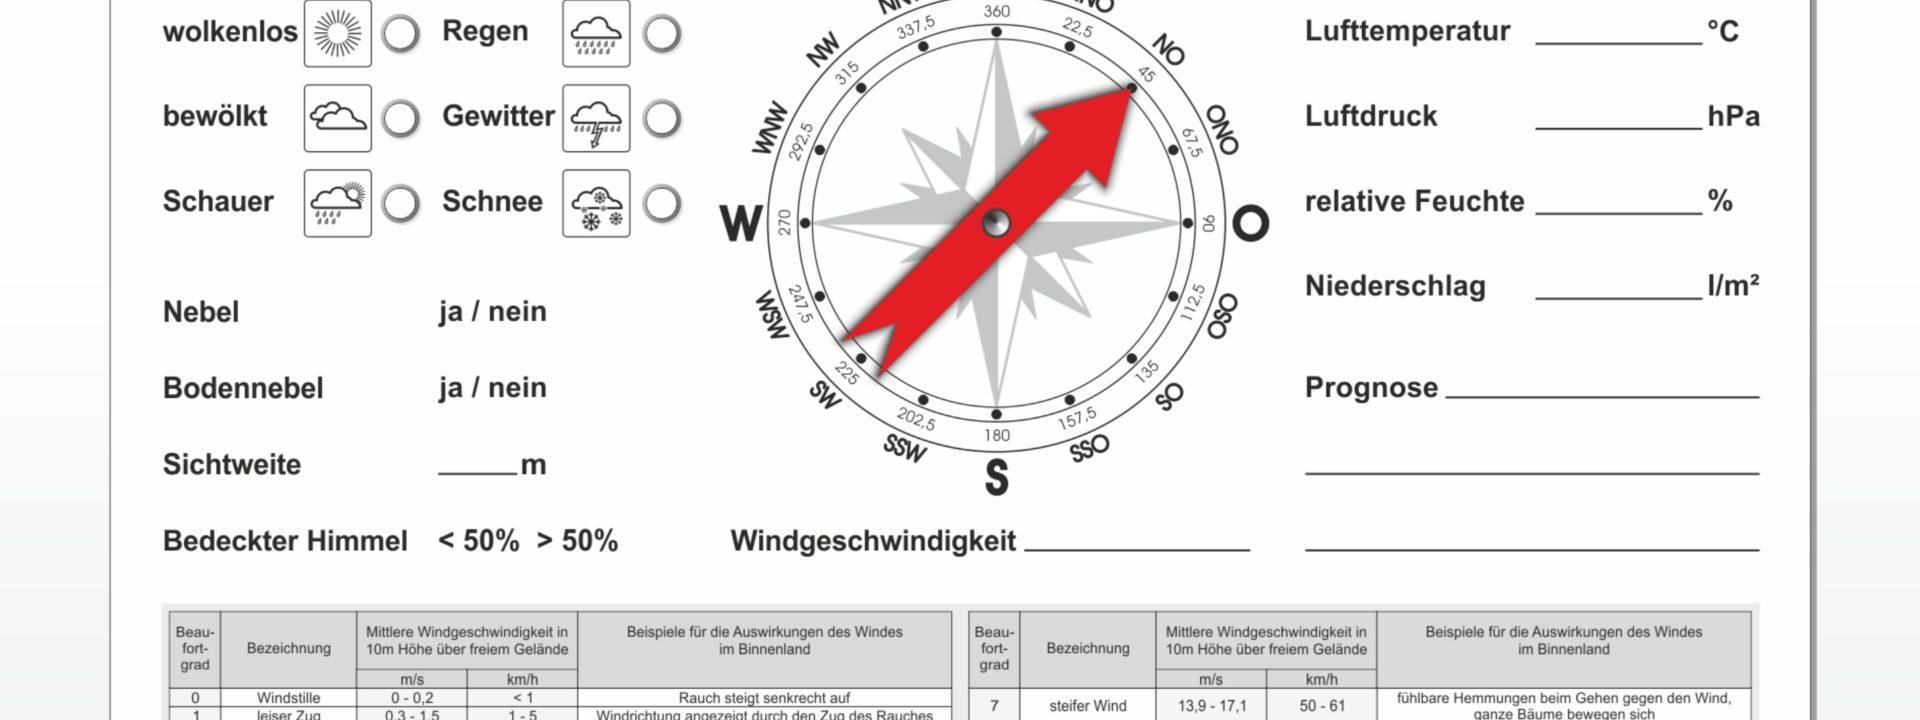 Wettertafel mit Beaufort-Skala